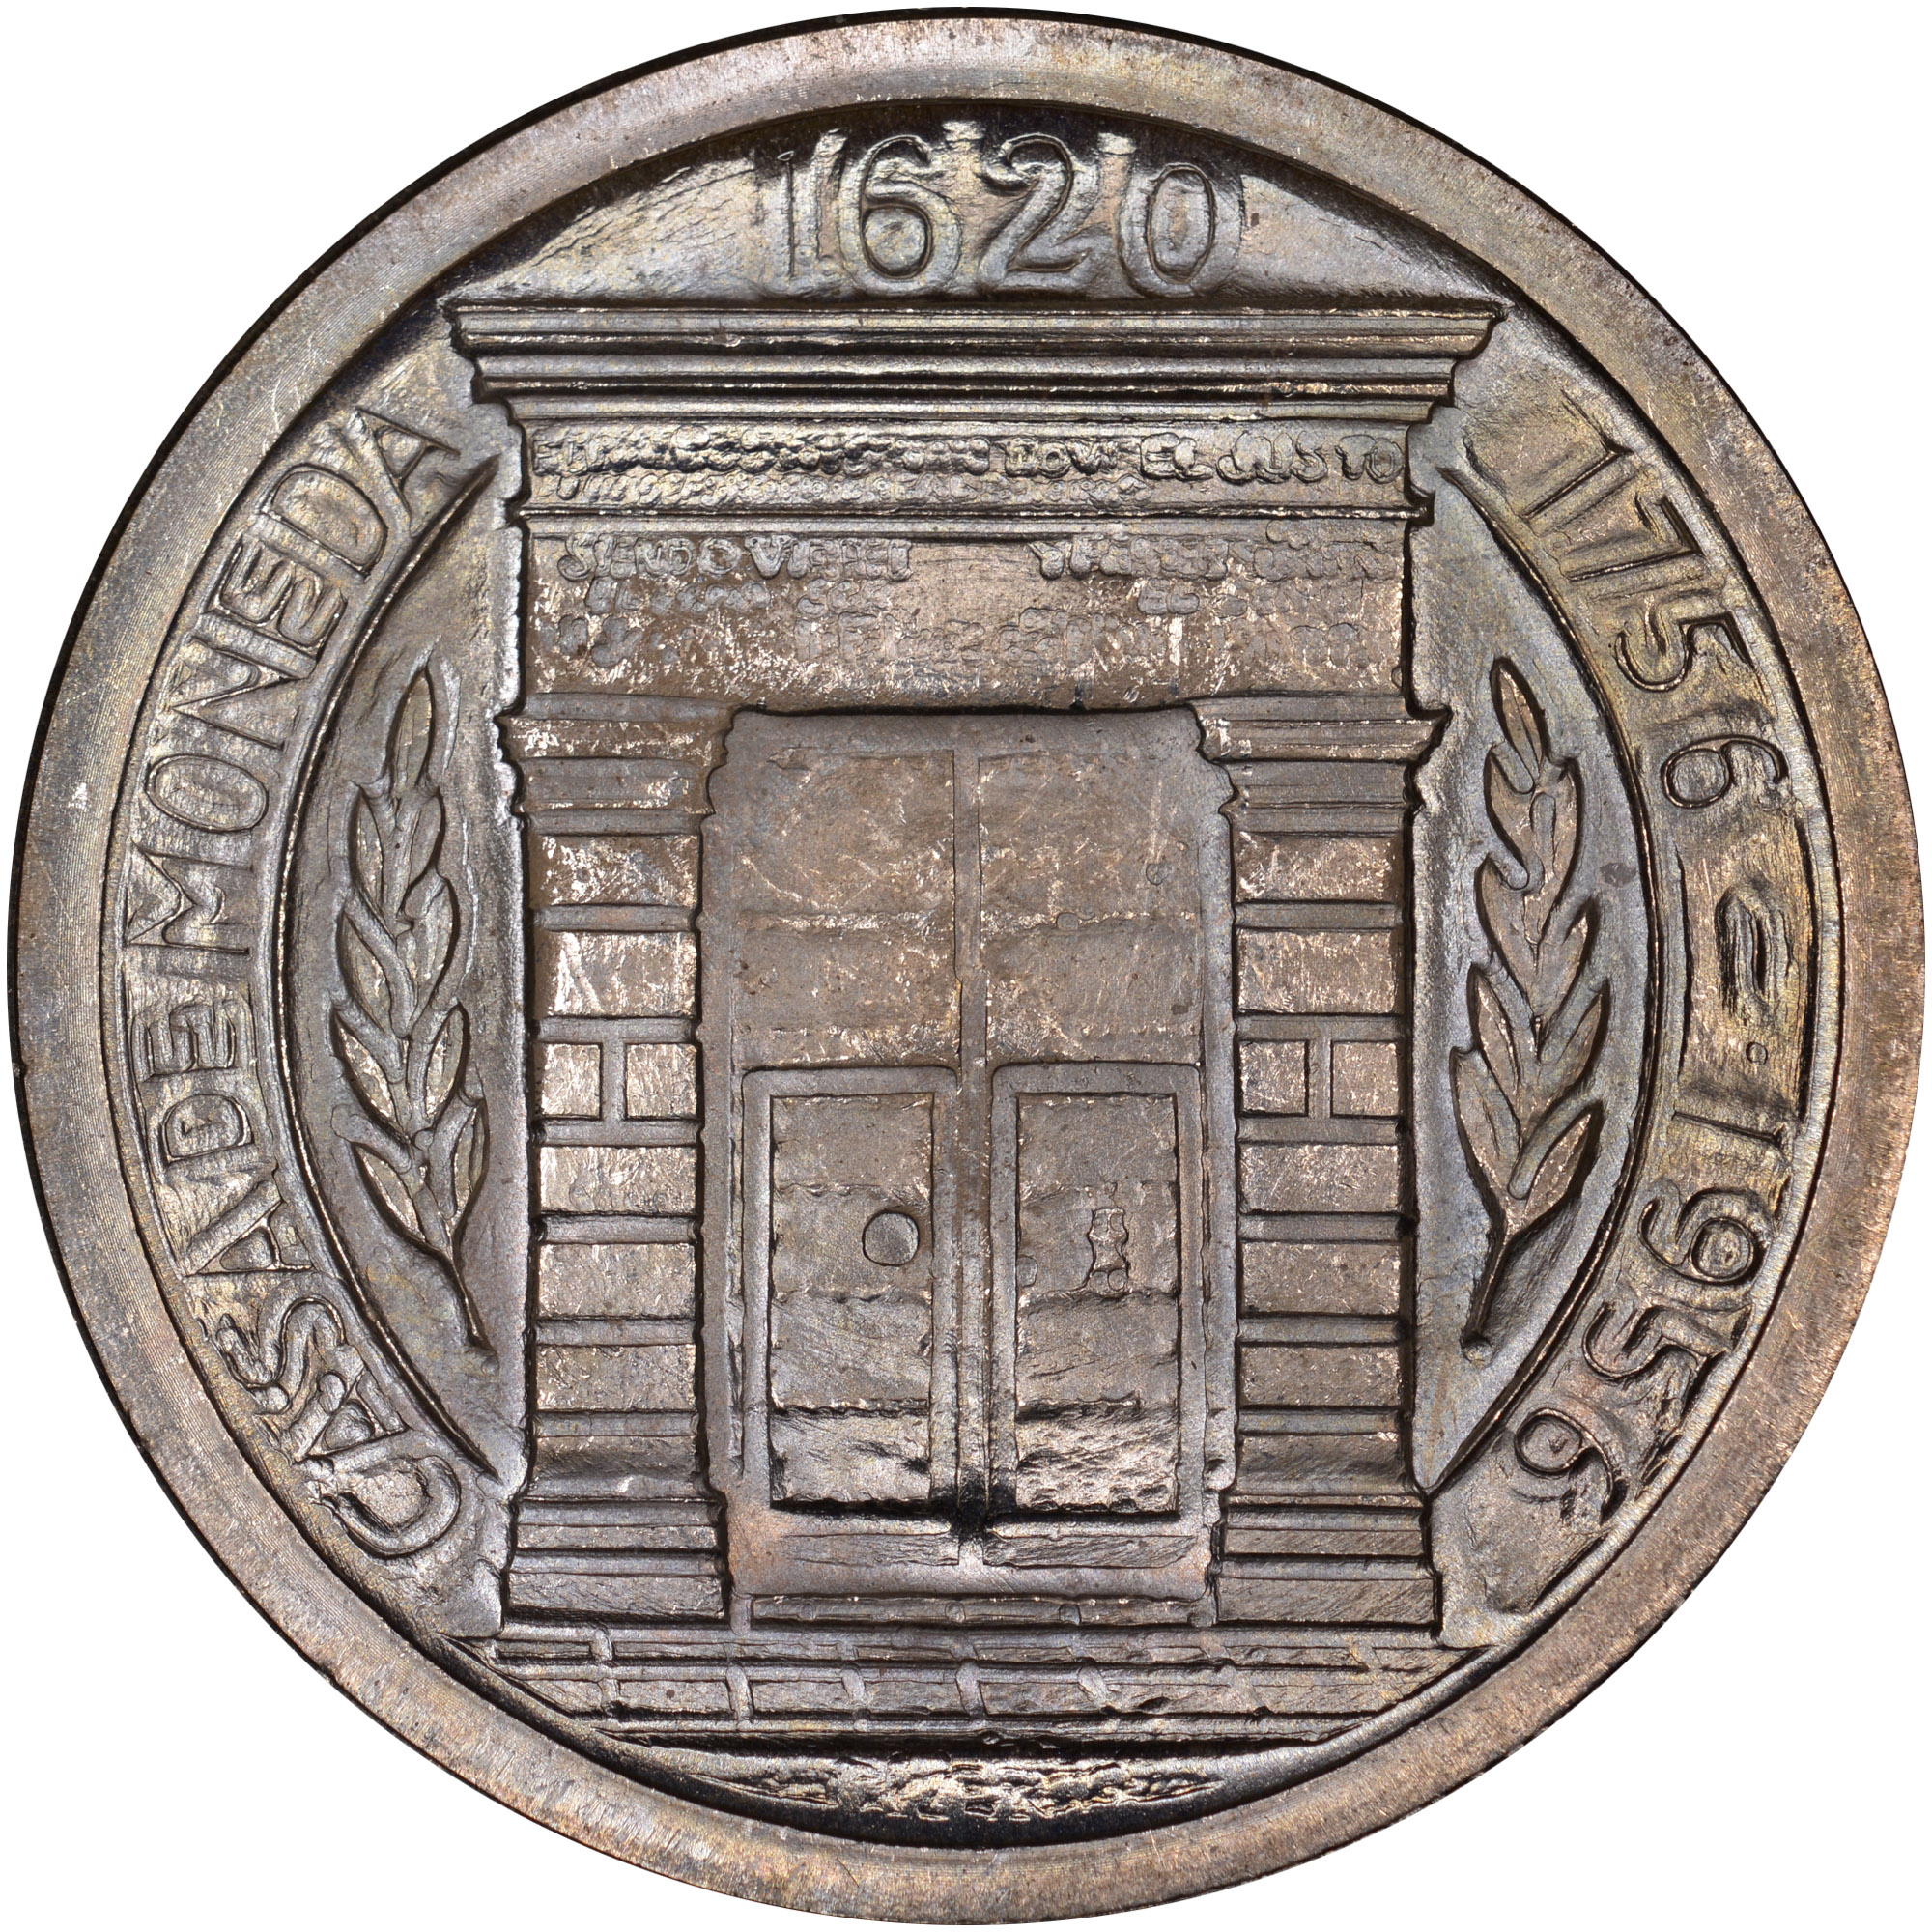 (1956) Colombia Peso reverse